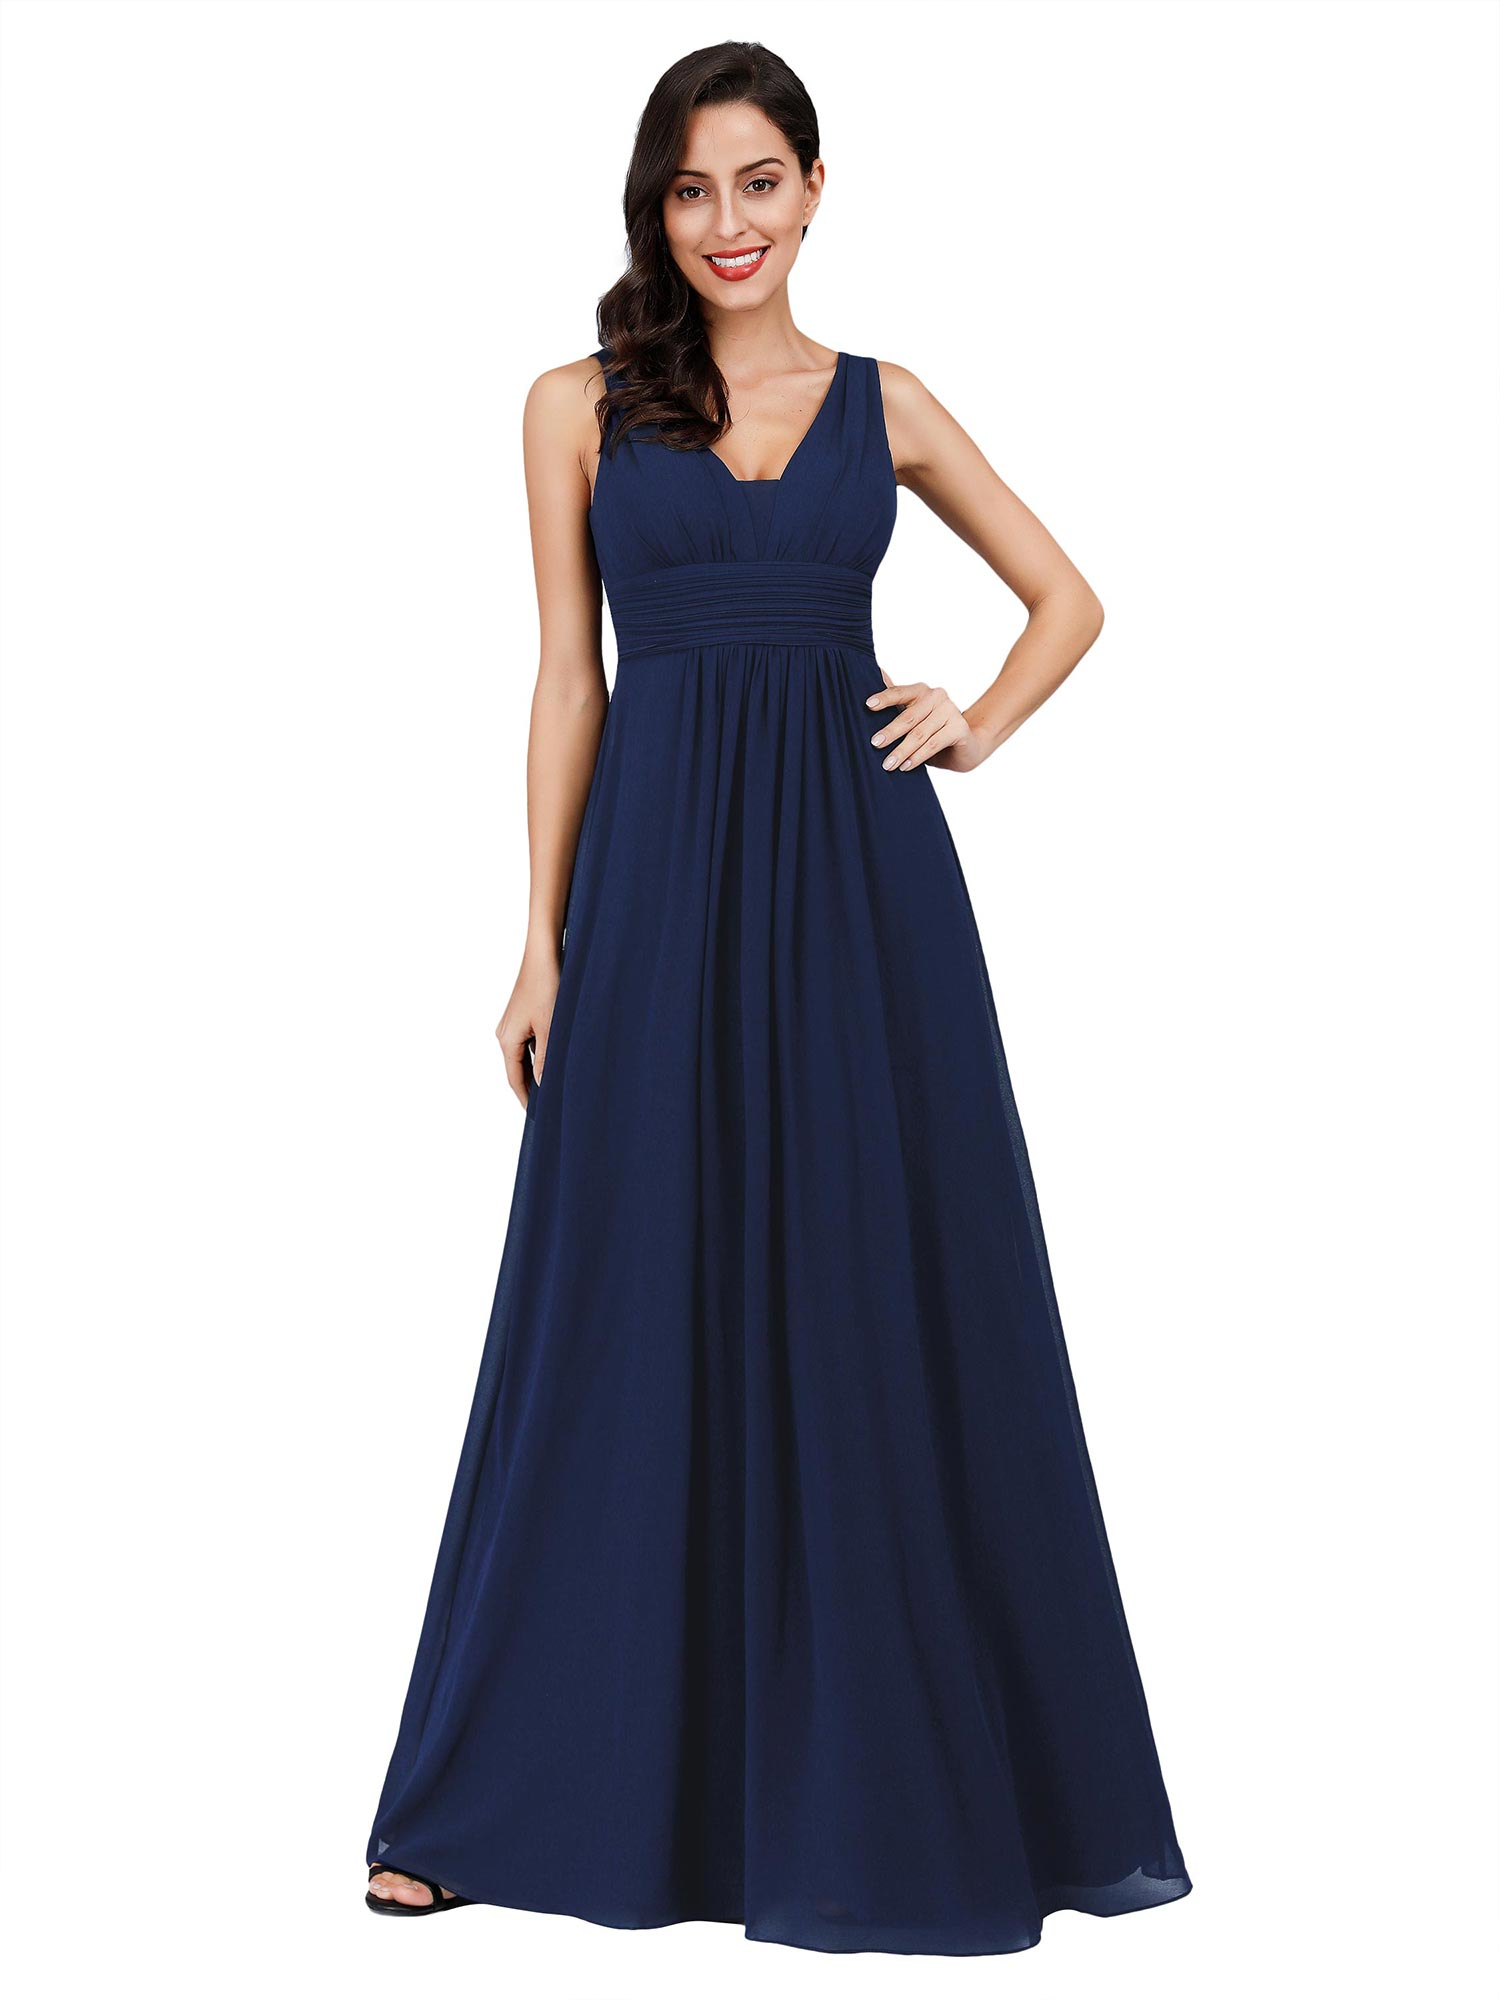 Amazing Evening Dresses 2015 Trendy Evening Dresses UK  Ukmillybridalorg